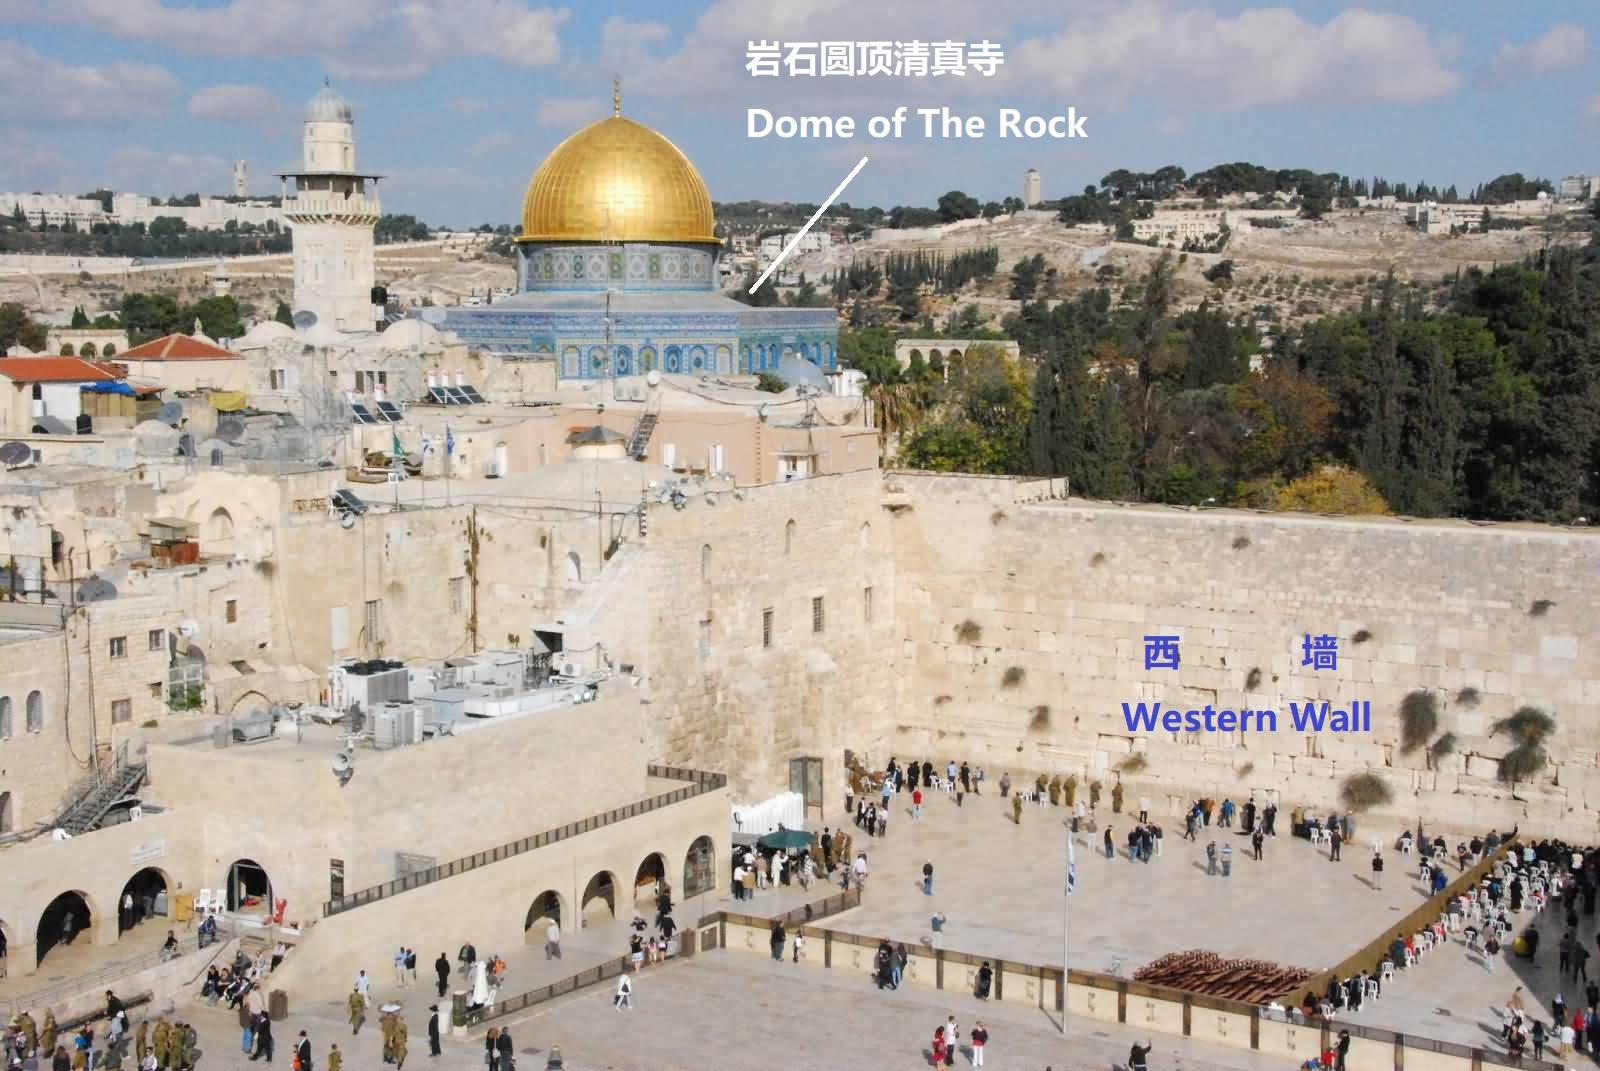 上图:从西墙的方向看岩石圆顶清真寺。金顶下面的岩石,很可能就是所罗门圣殿中至圣所的位置。